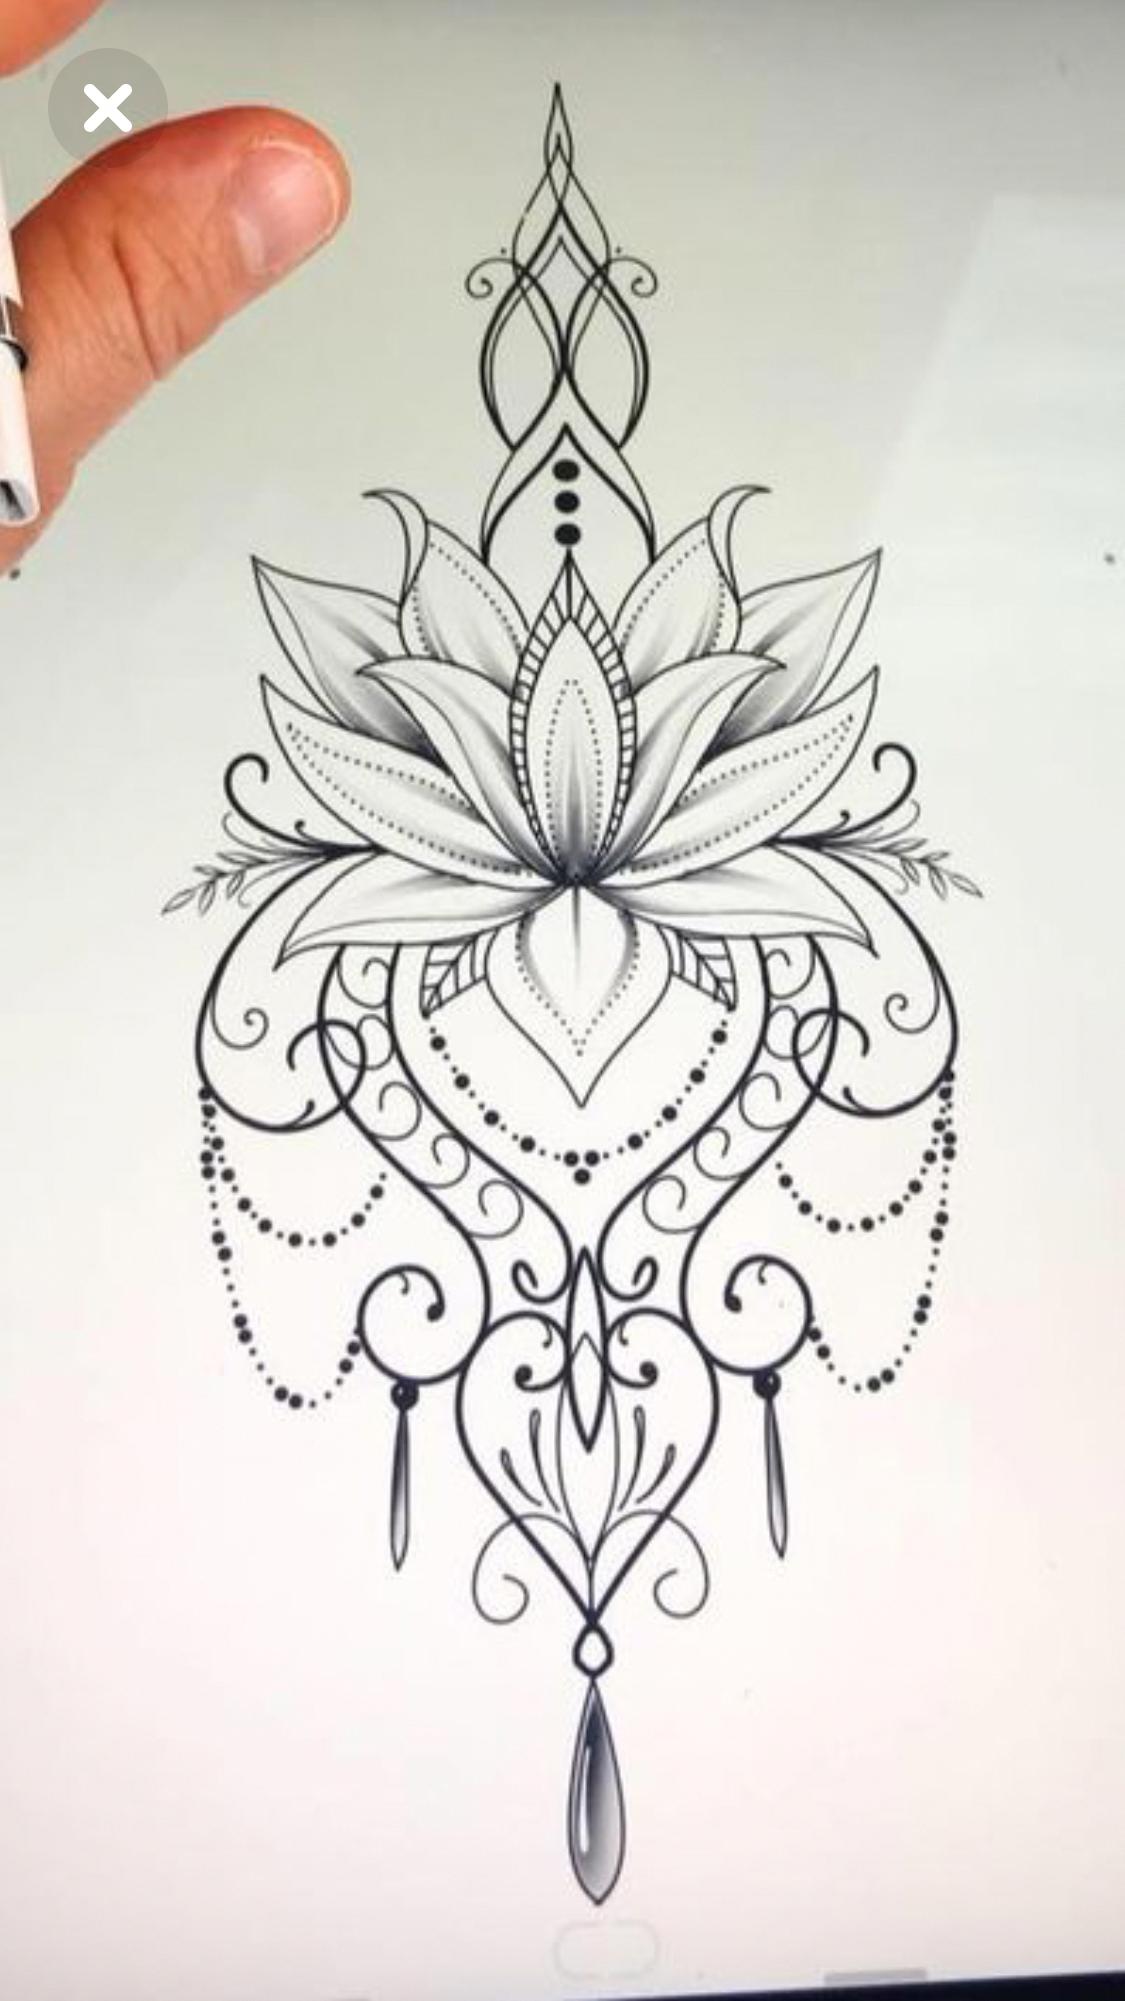 Mandala Design Tattoo Mandalatattoo Mandala Tattoo Design Inspirational Tattoos Tattoos